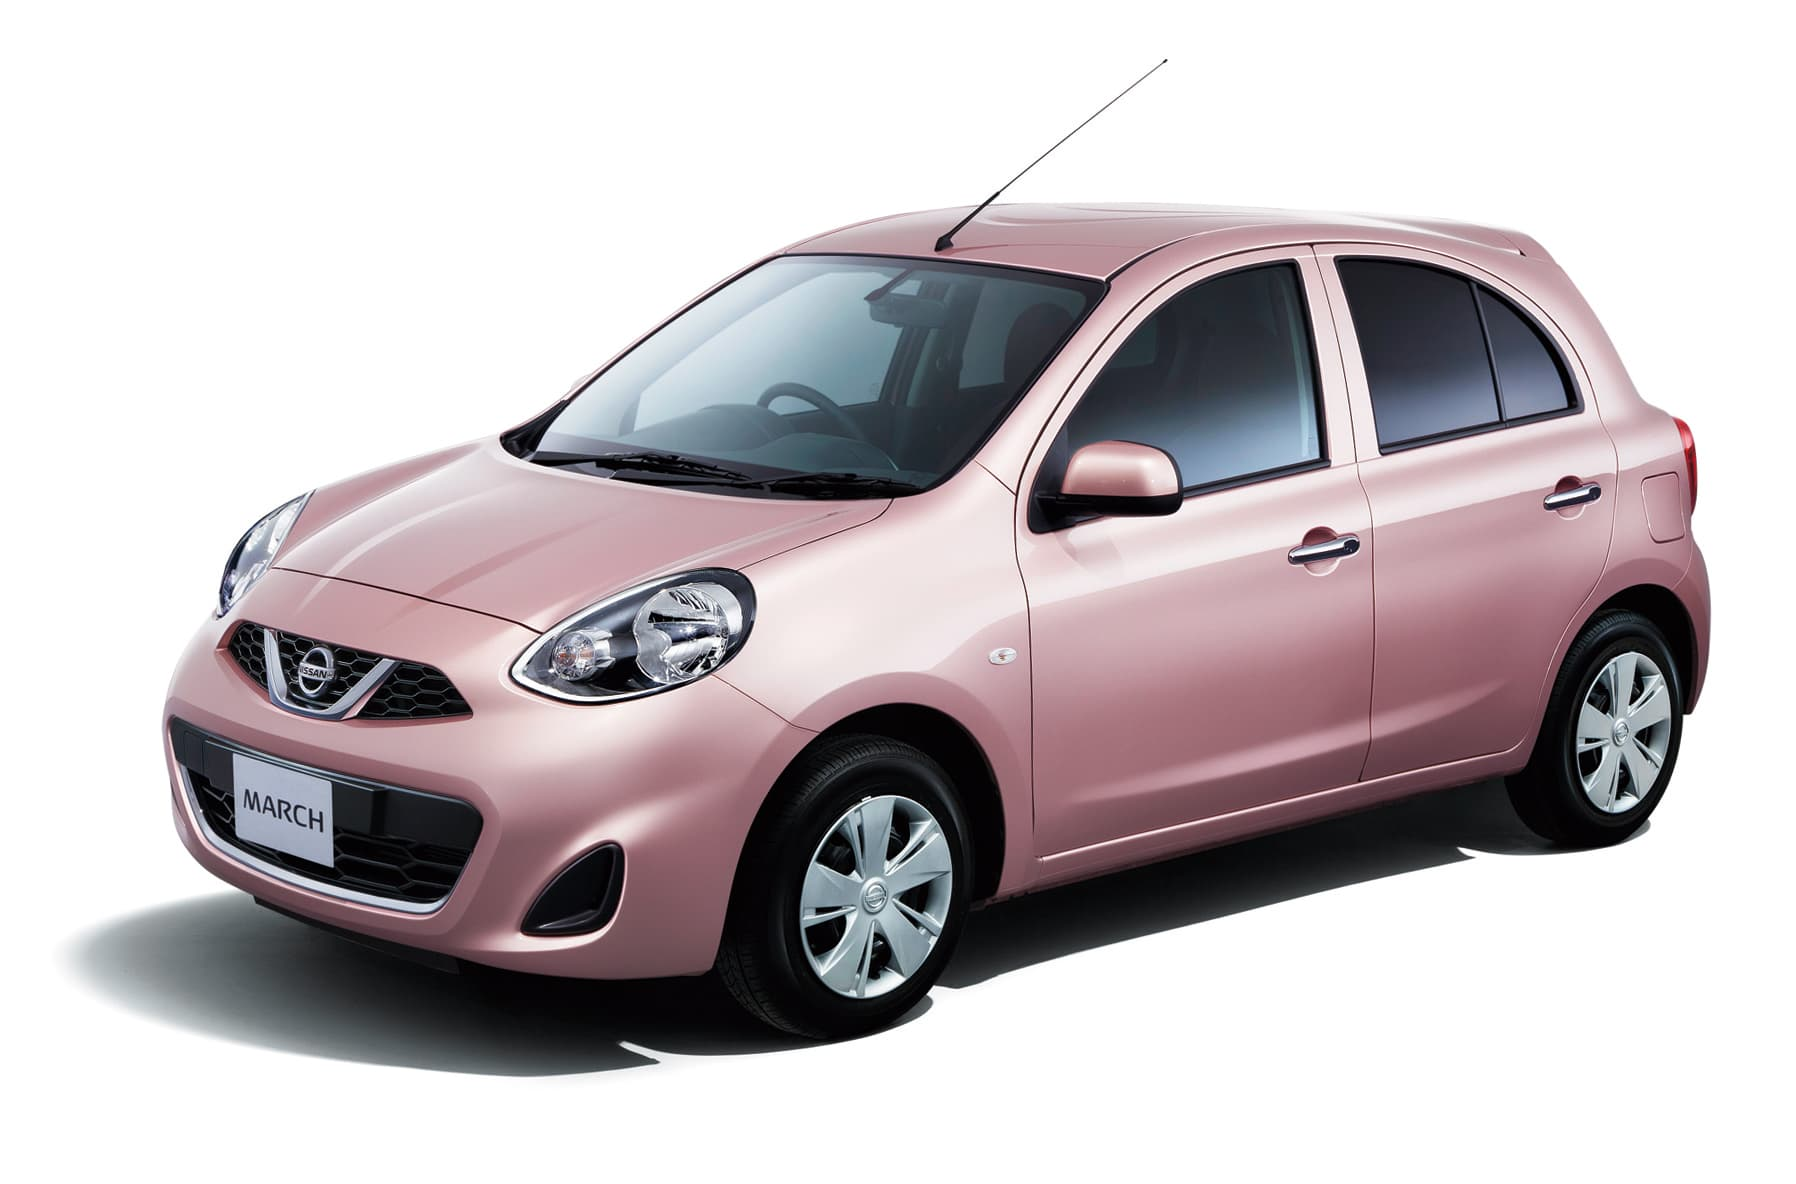 日産レンタカー西新店『【JAL九州】P1~P6車種無指定 SPRING BARGAIN!』